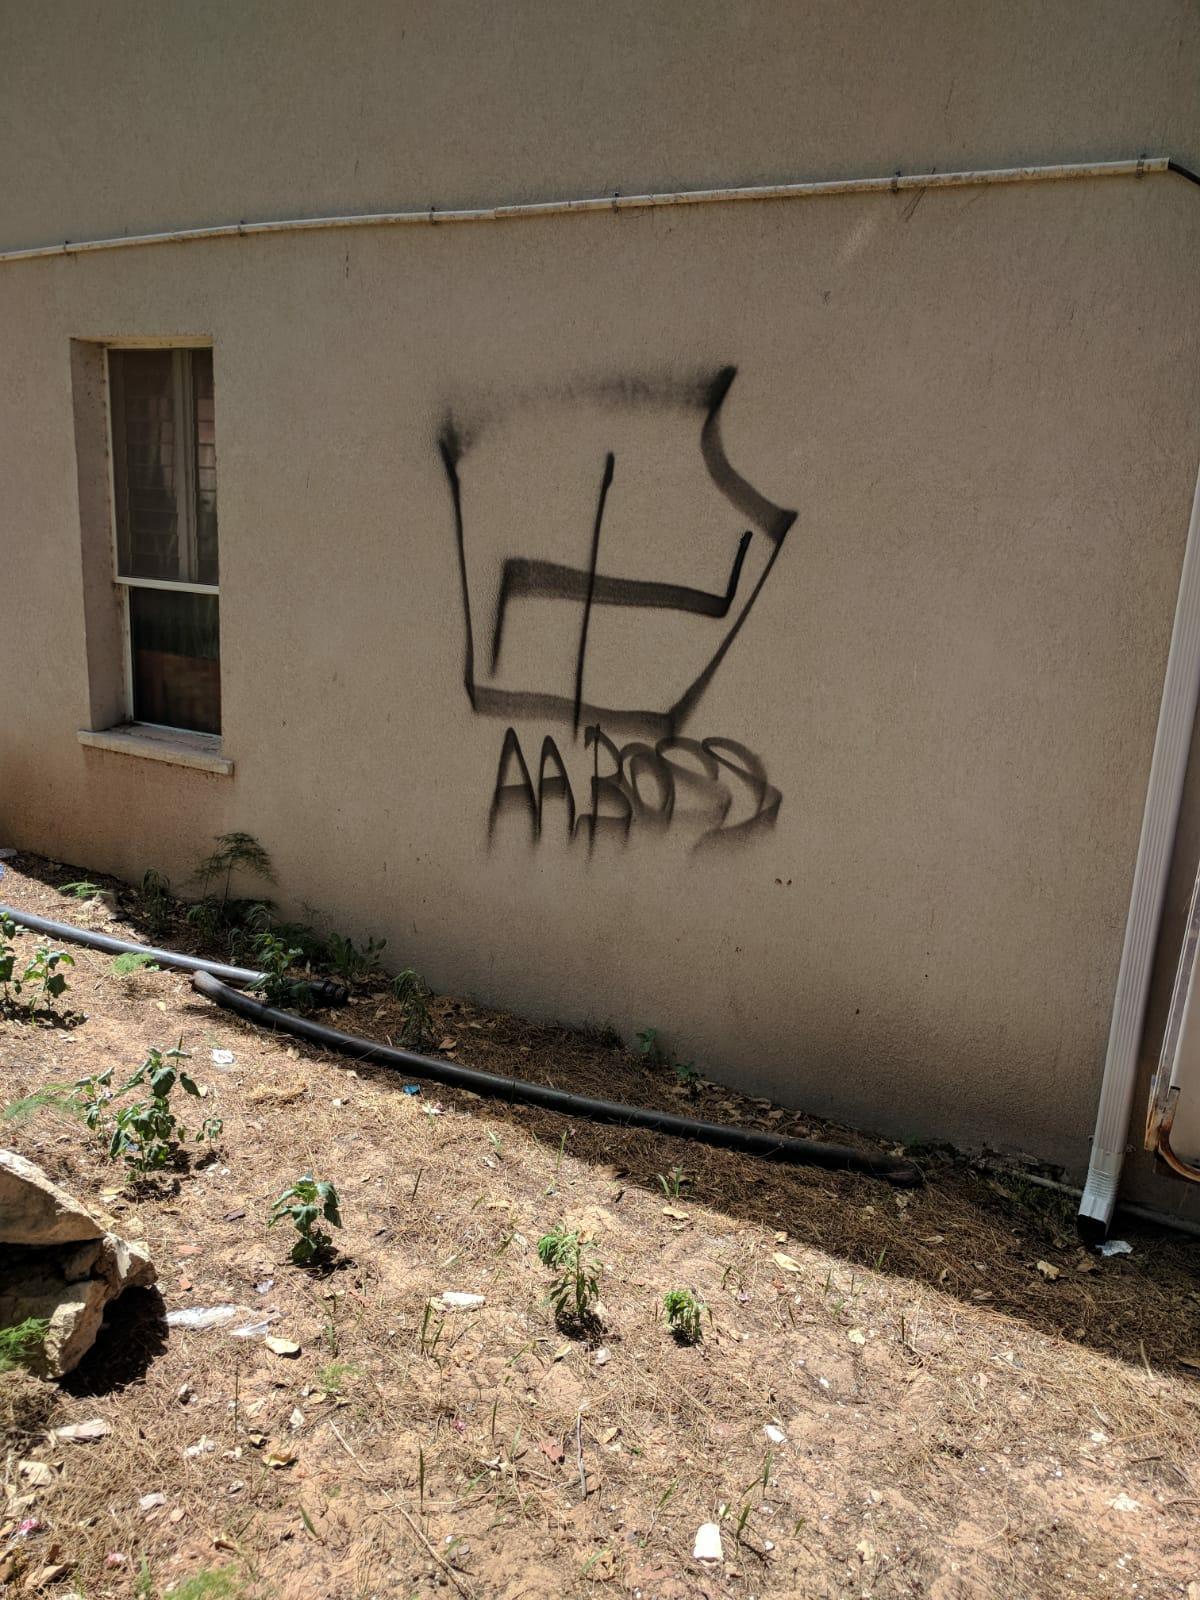 צלב קרס על קיר בית כנסת צילום עצמי